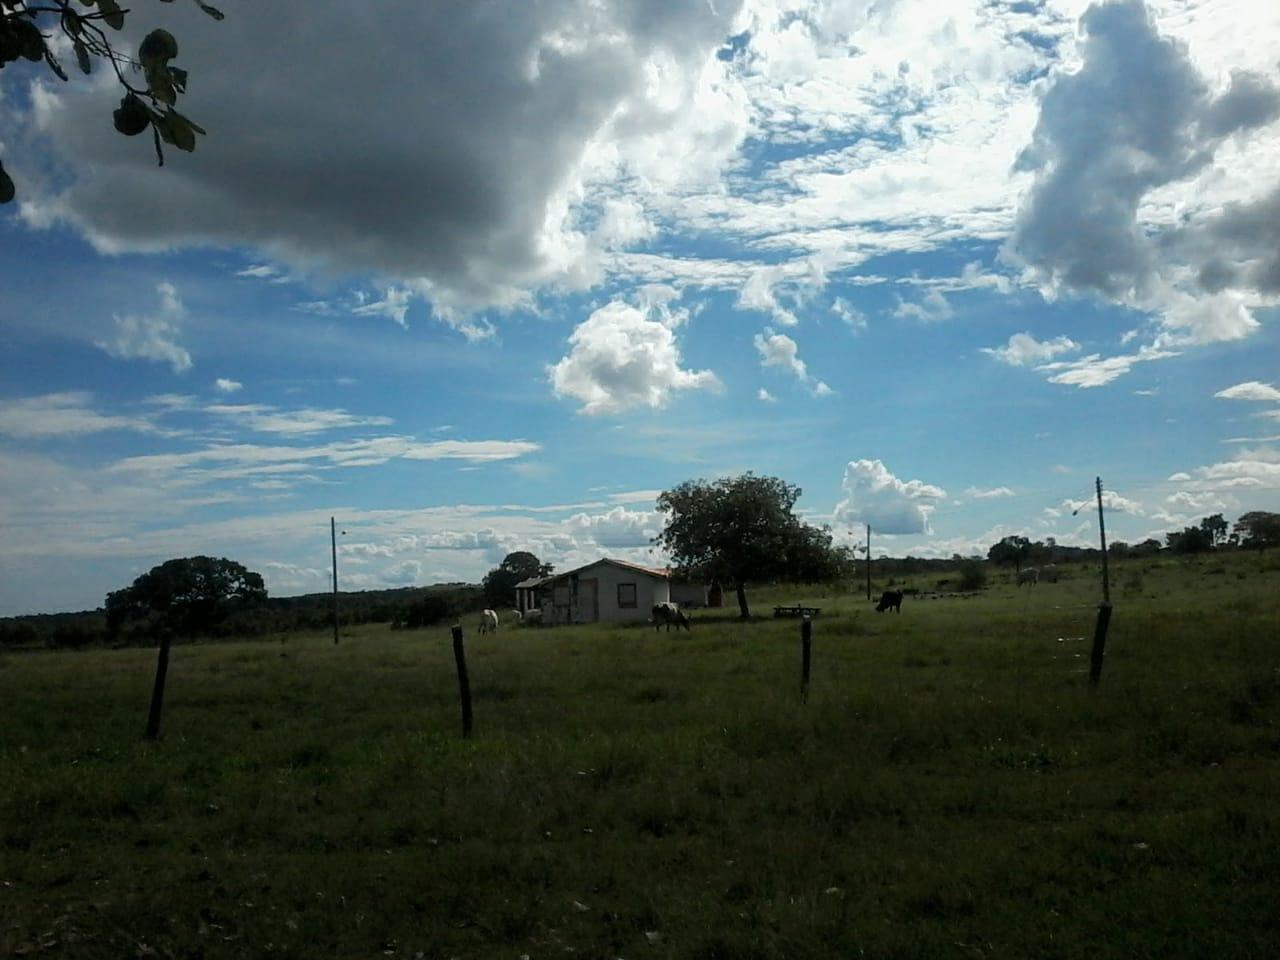 Chácara Sítio  com 3 quartos sendo 1 Suíte no São José, Cuiabá  - MT